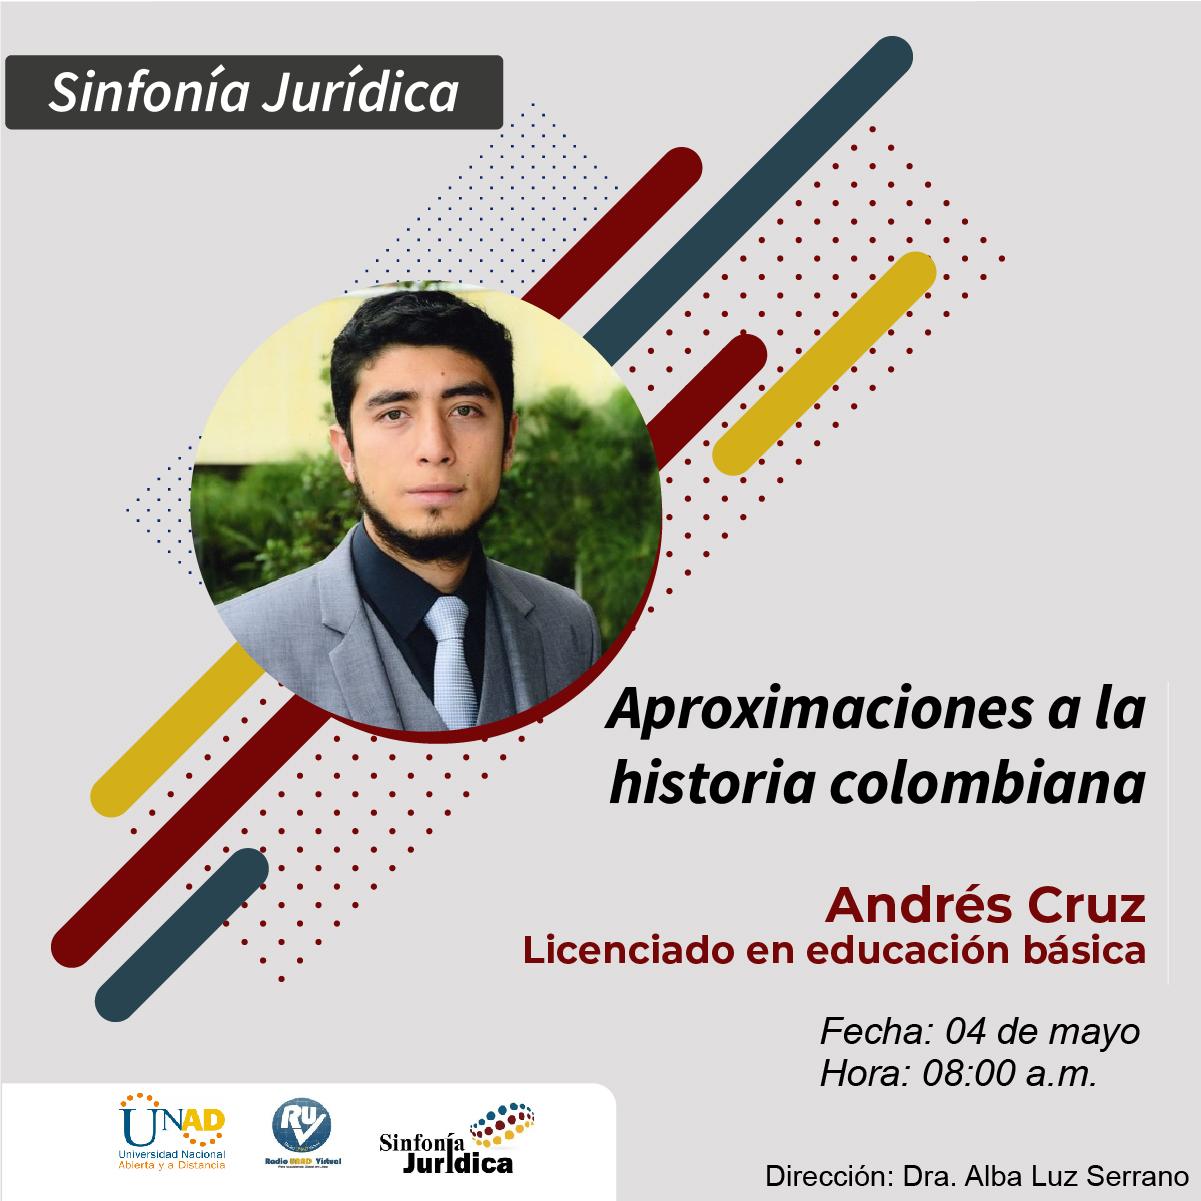 Aproximaciones a la historia colombiana